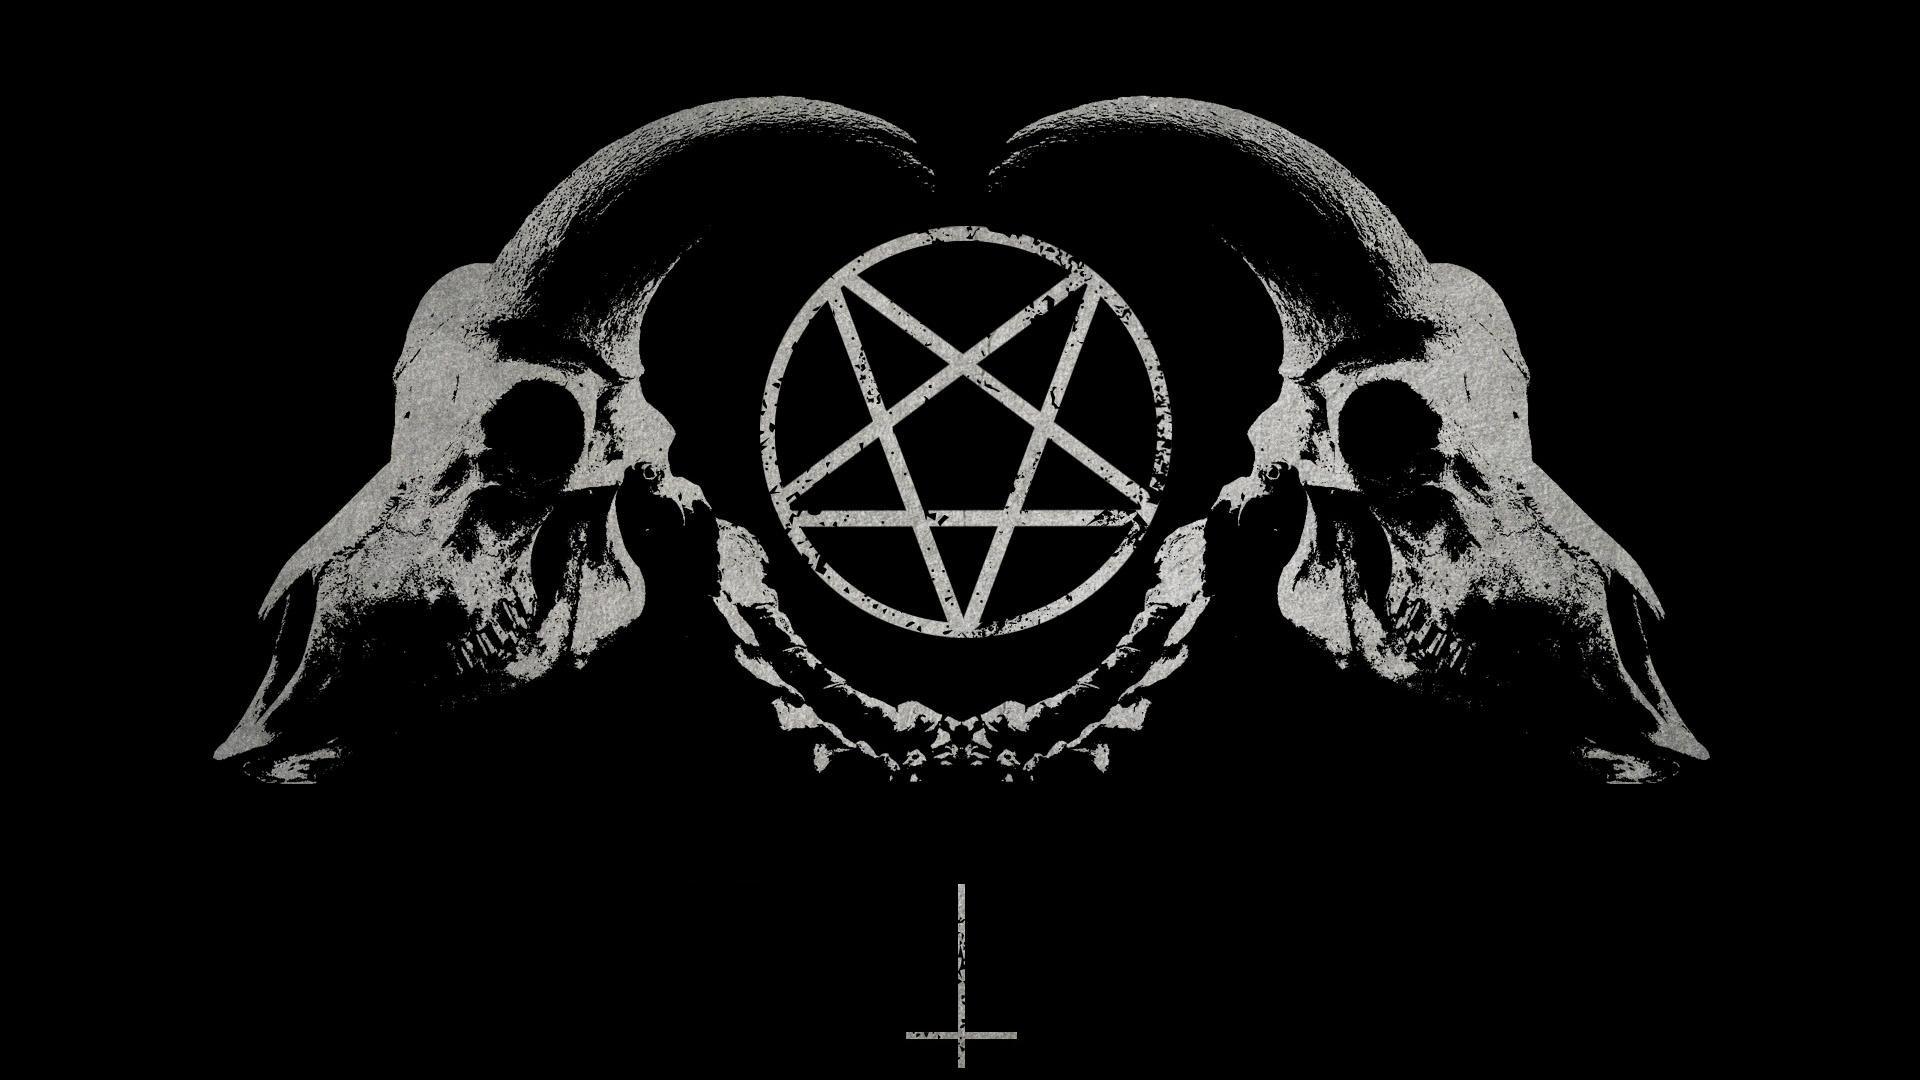 Inverted Pentagram Wallpaper 67 Images